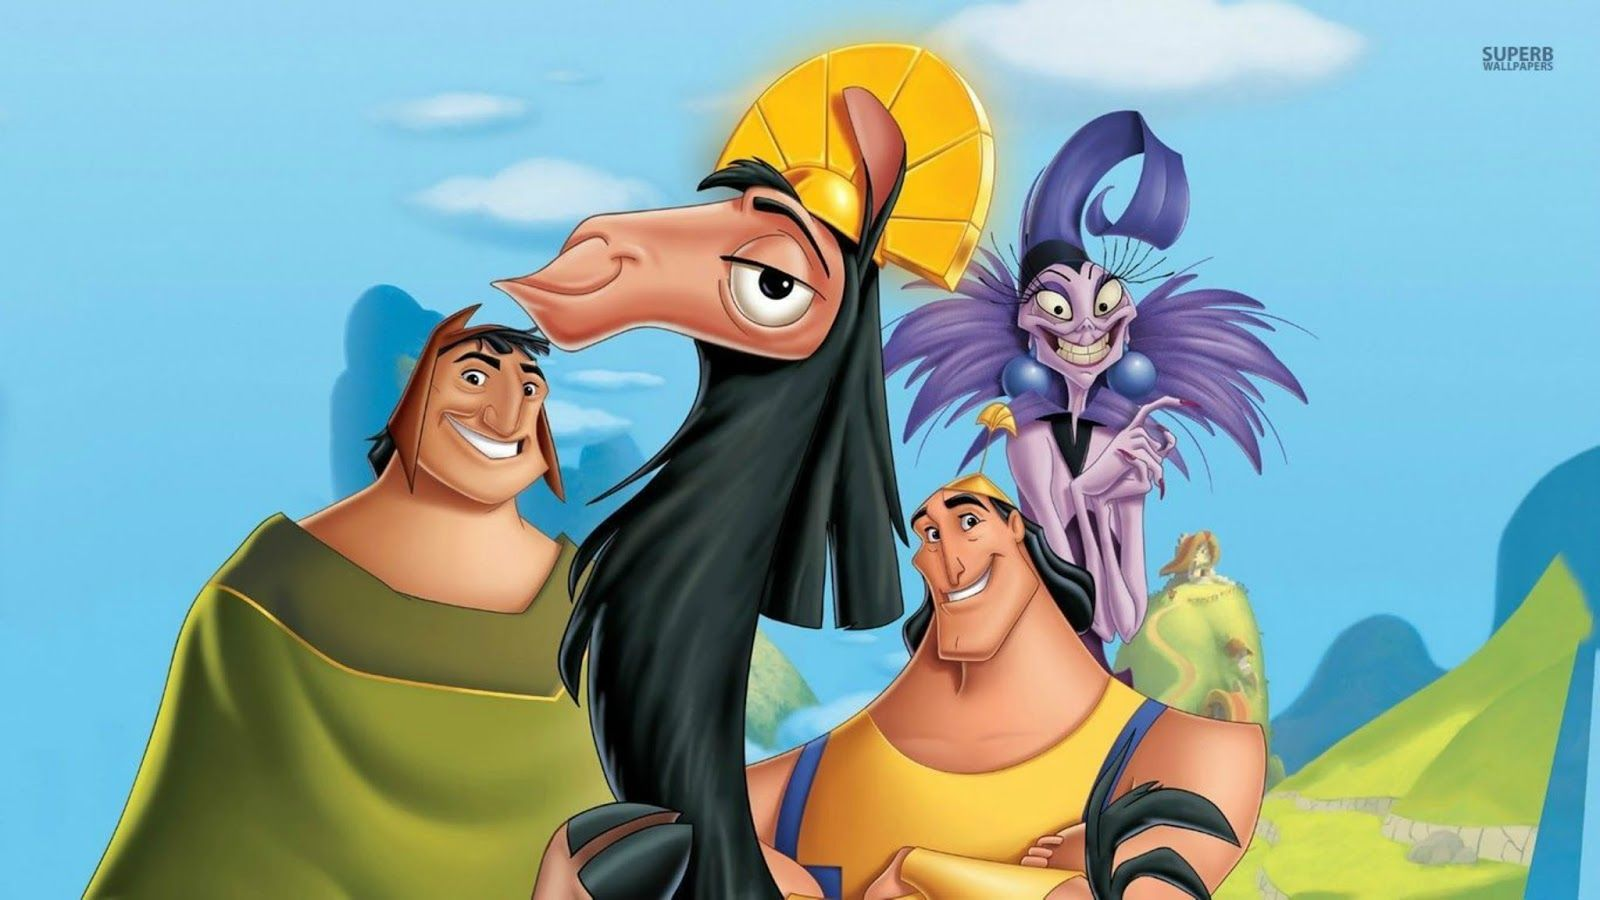 No solo es Encanto: 4 películas de Disney que muestran a Latinoamérica | Televisión | Entretenimiento